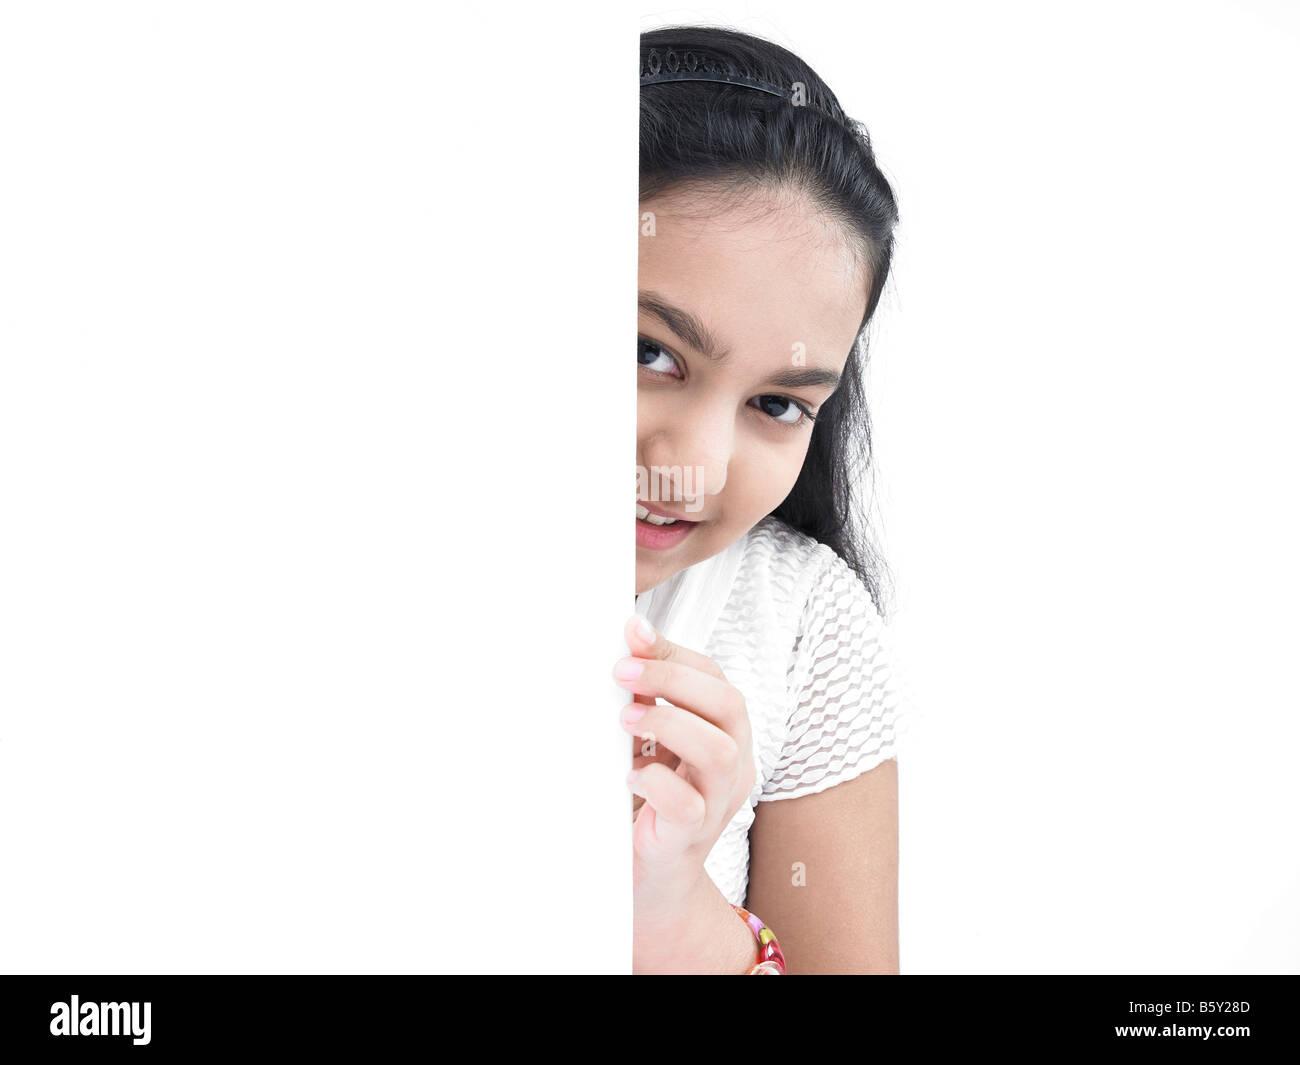 teen Indian girl asian